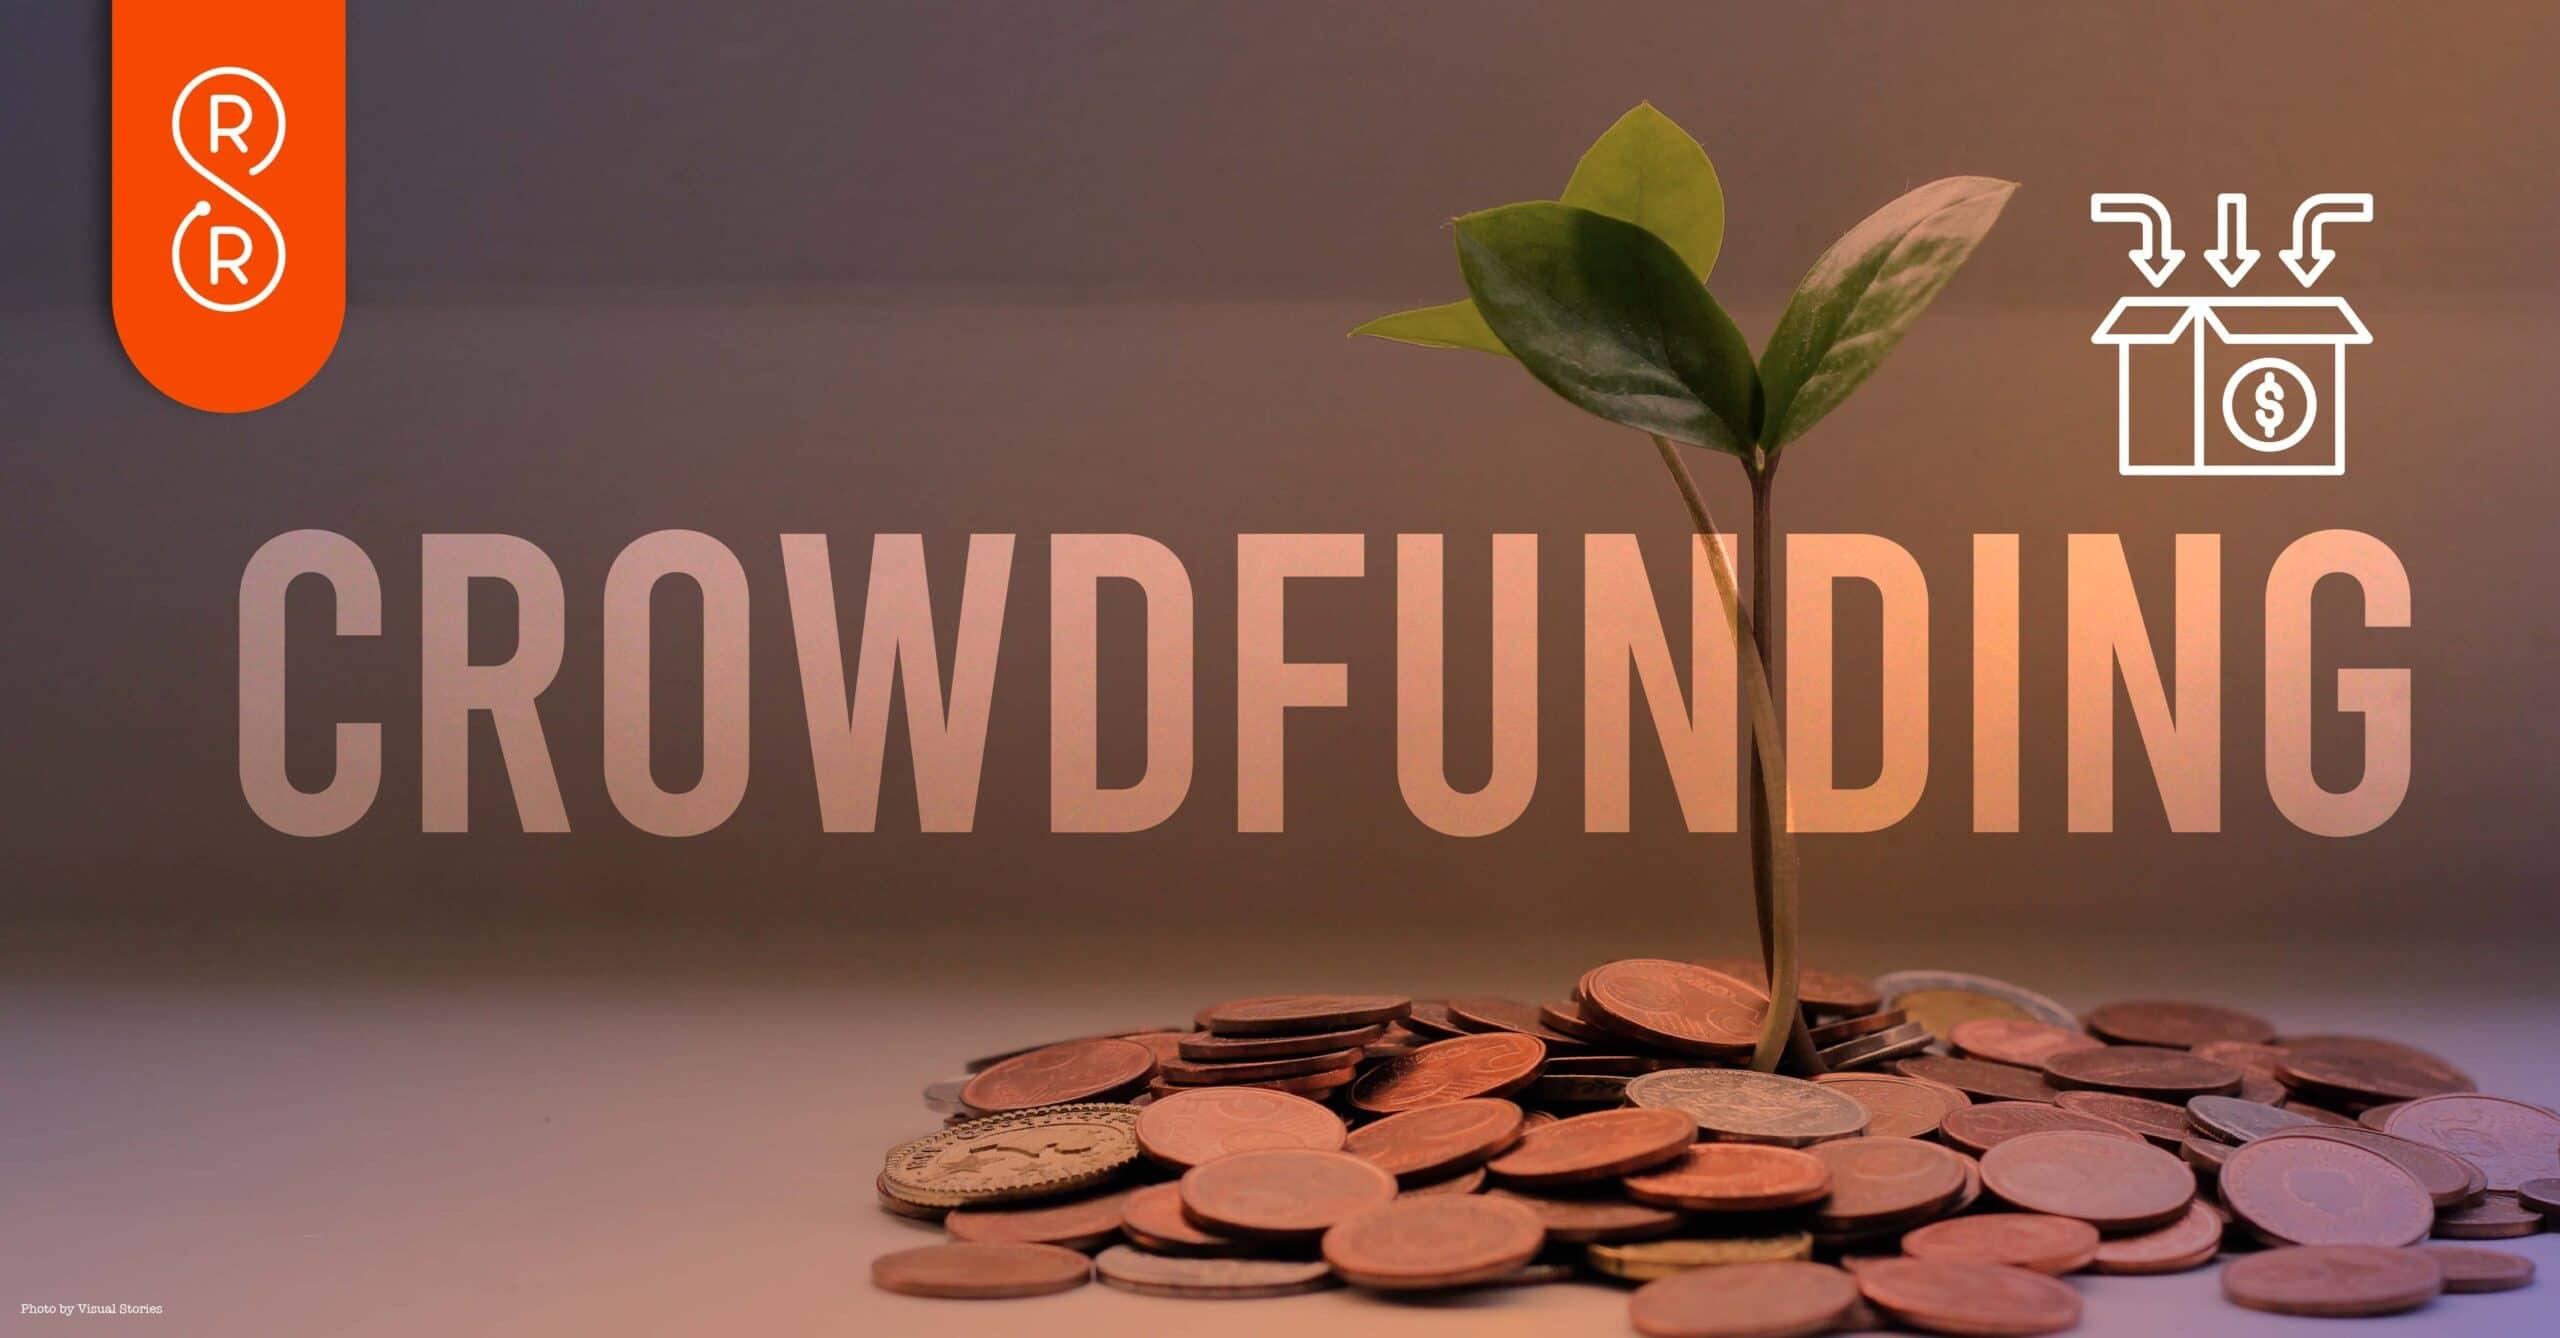 crowdfunding político